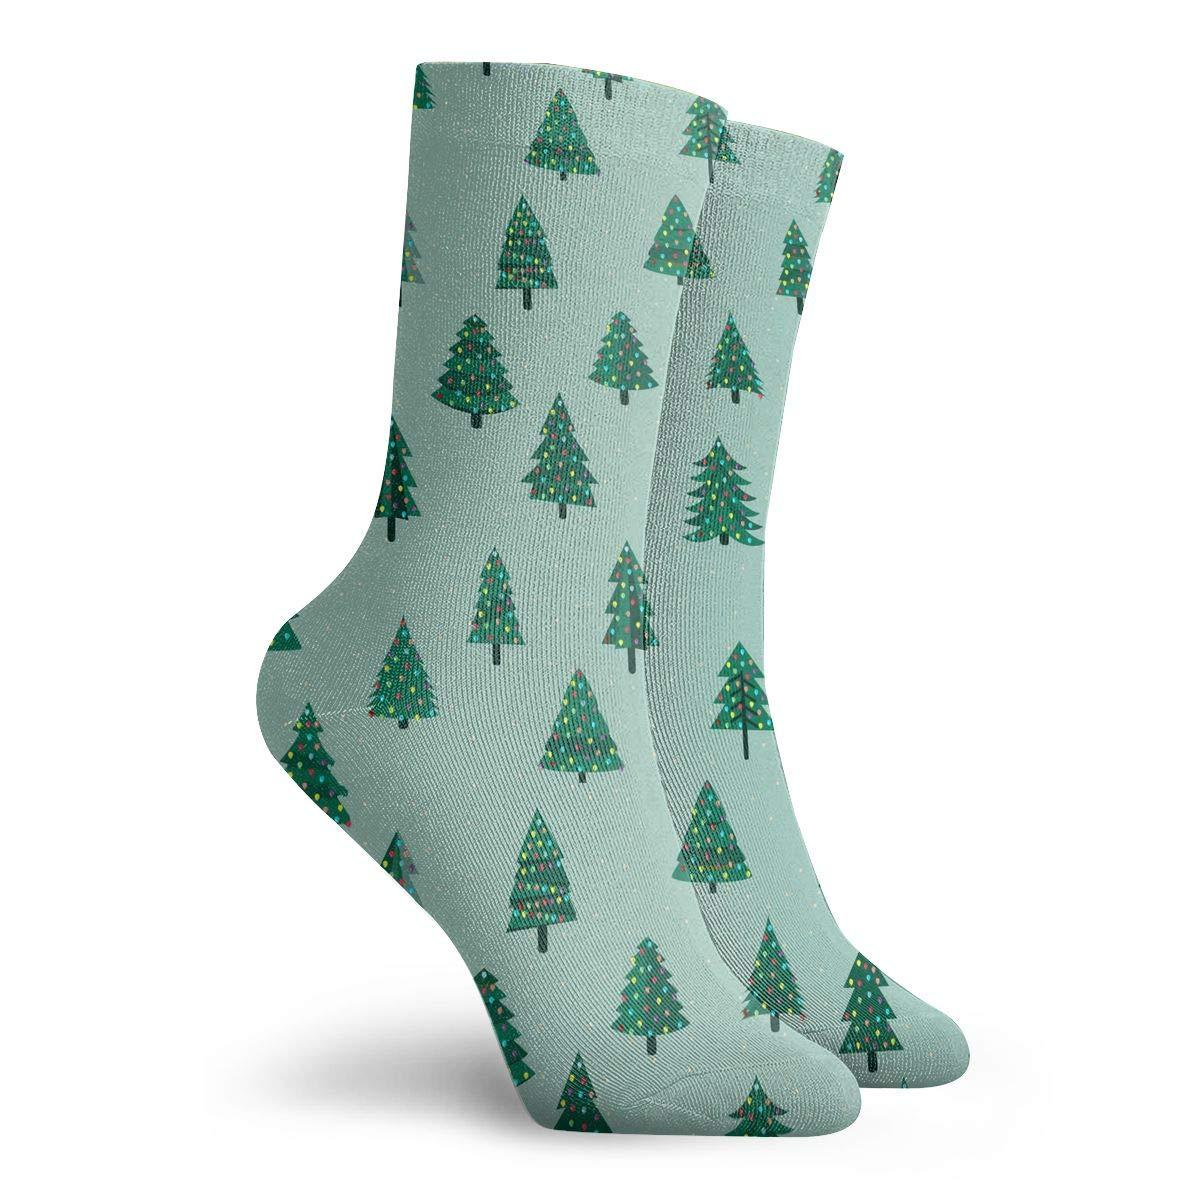 Colorful Green Christmas Tree Fashion Dress Socks Short Socks Leisure Travel 11.8 Inch